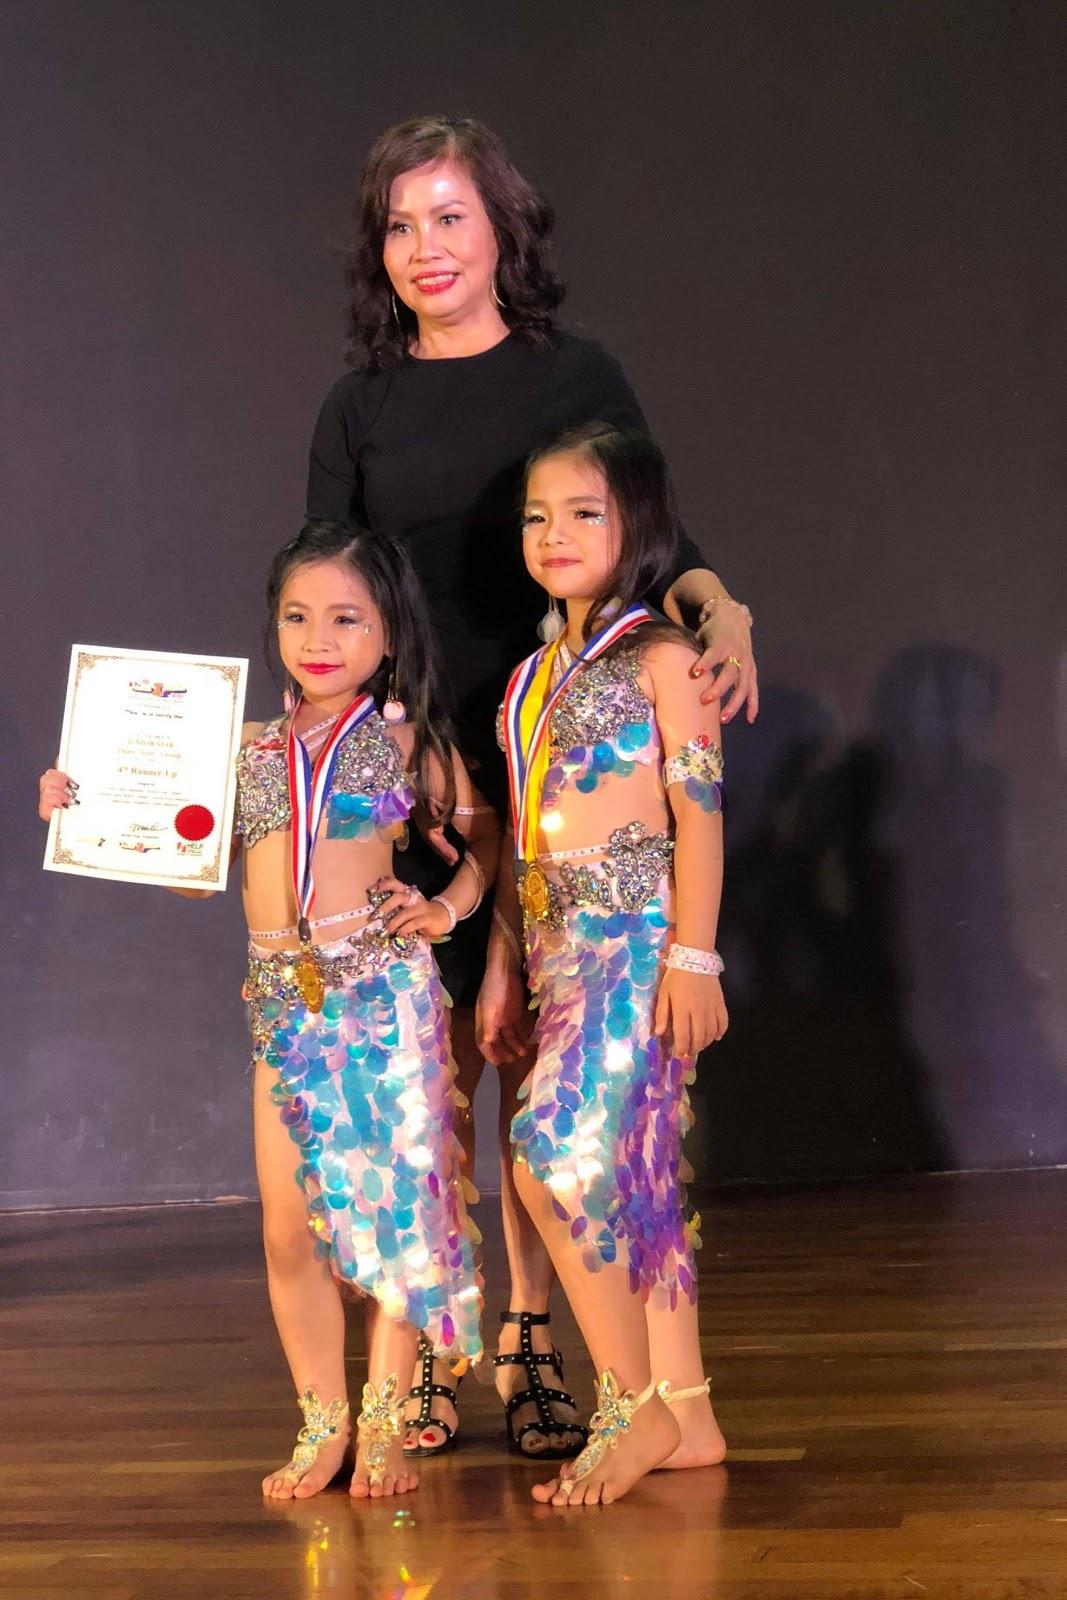 Tạ Phương Hà Linh - Cô bé gang thép quán quân của cuộc thi Intrernational Oriental Xpression Dance Festival, Malaysia  - Ảnh 9